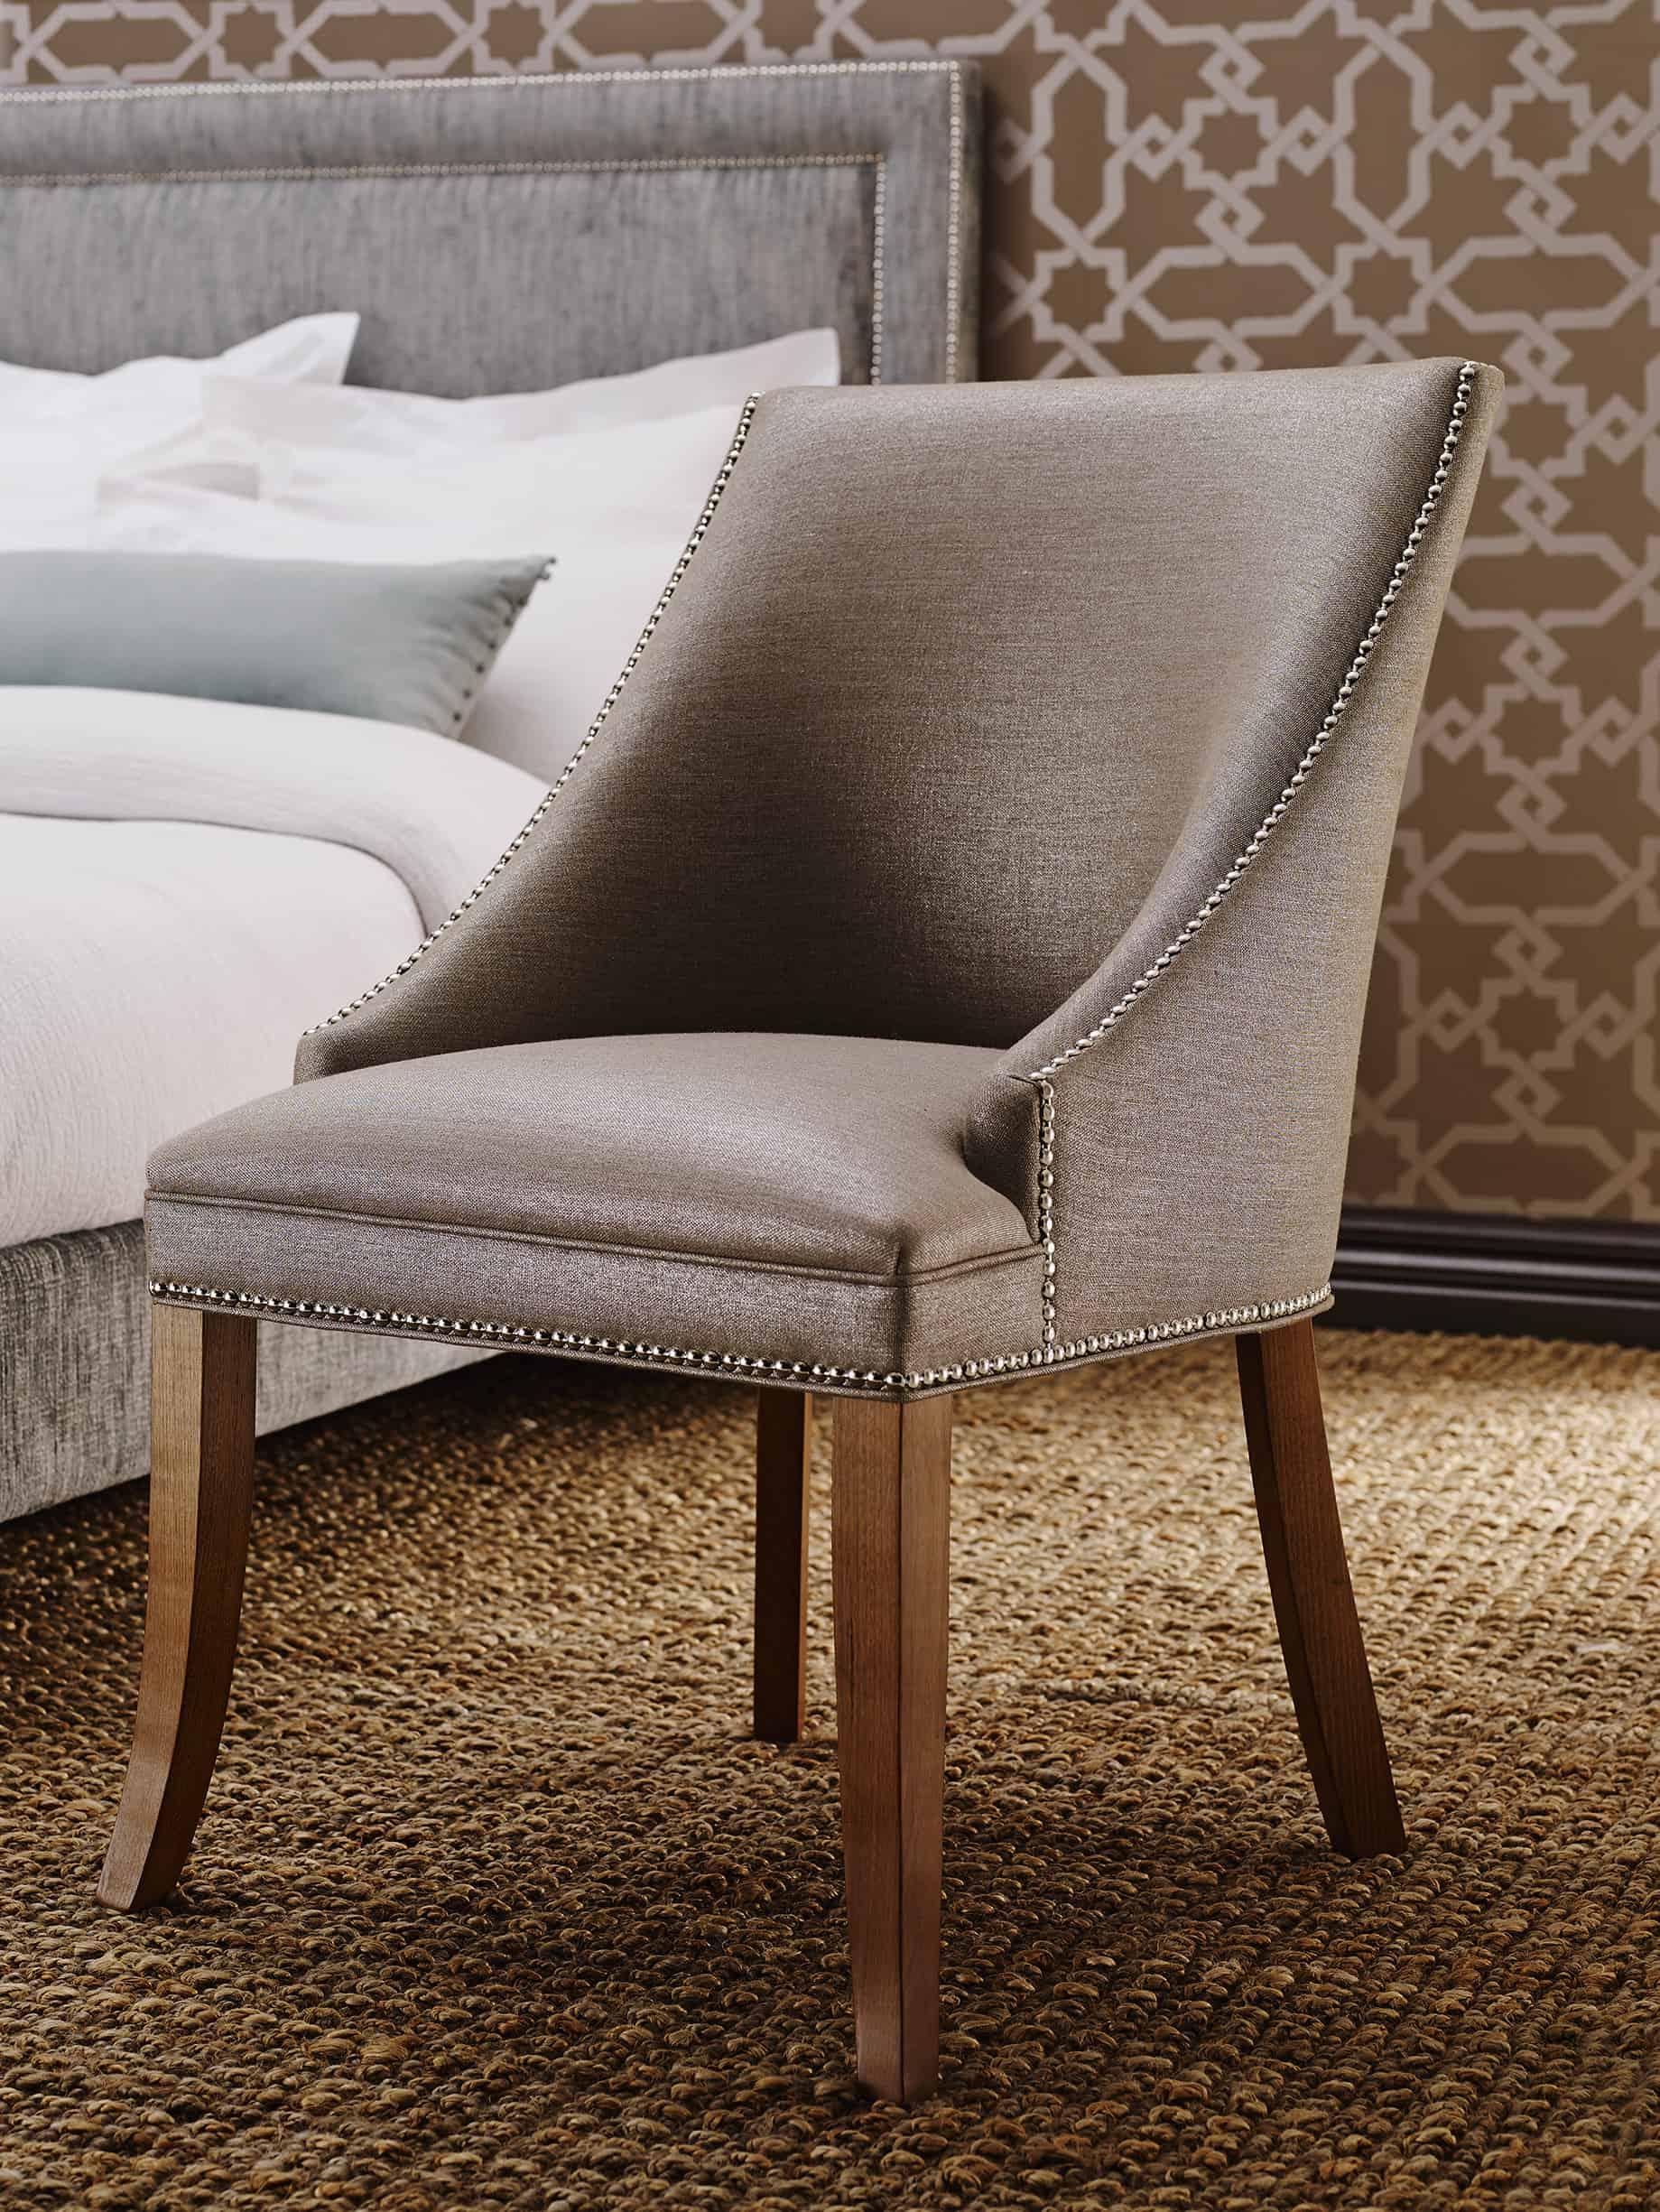 Chair1-624x831[1]